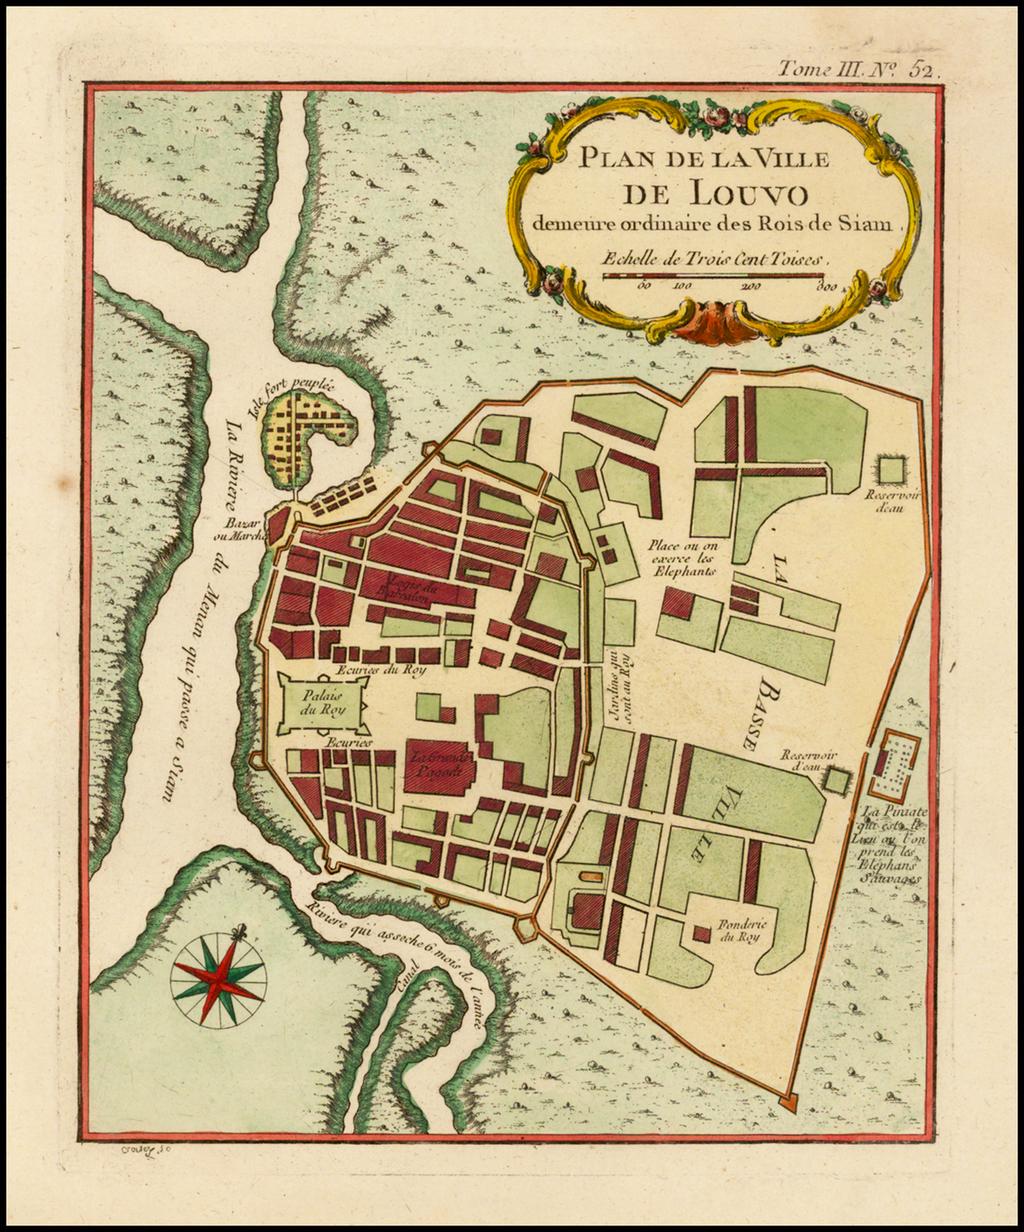 [Lopburi, Thailand]  Plan de la Ville de Louvo demeure ordinaire des Rois de Siam By Jacques Nicolas Bellin